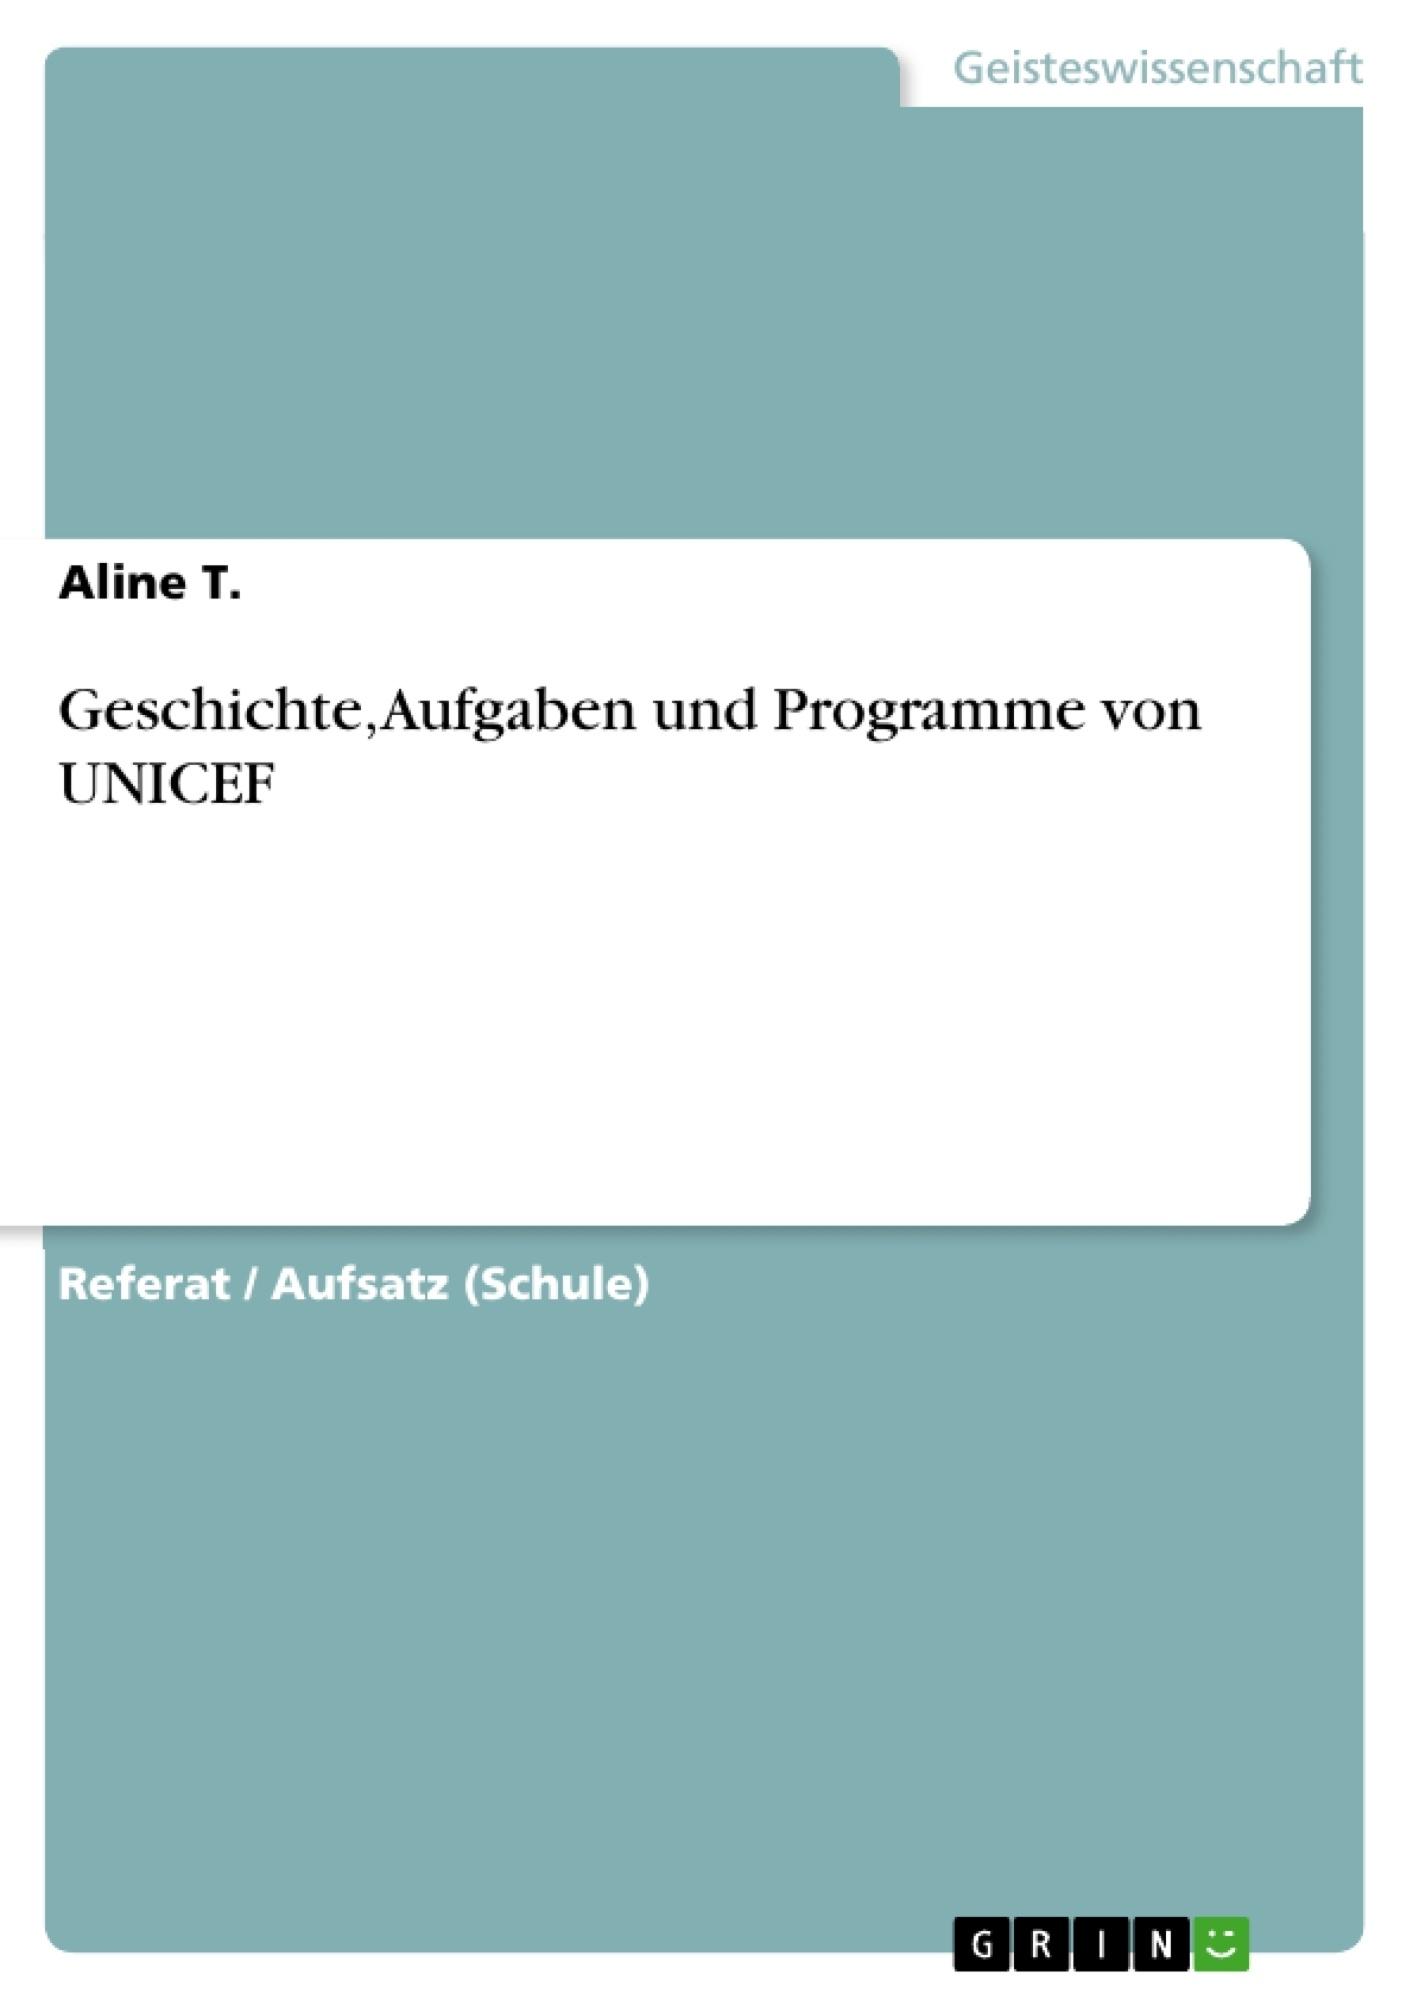 Titel: Geschichte, Aufgaben und Programme von UNICEF